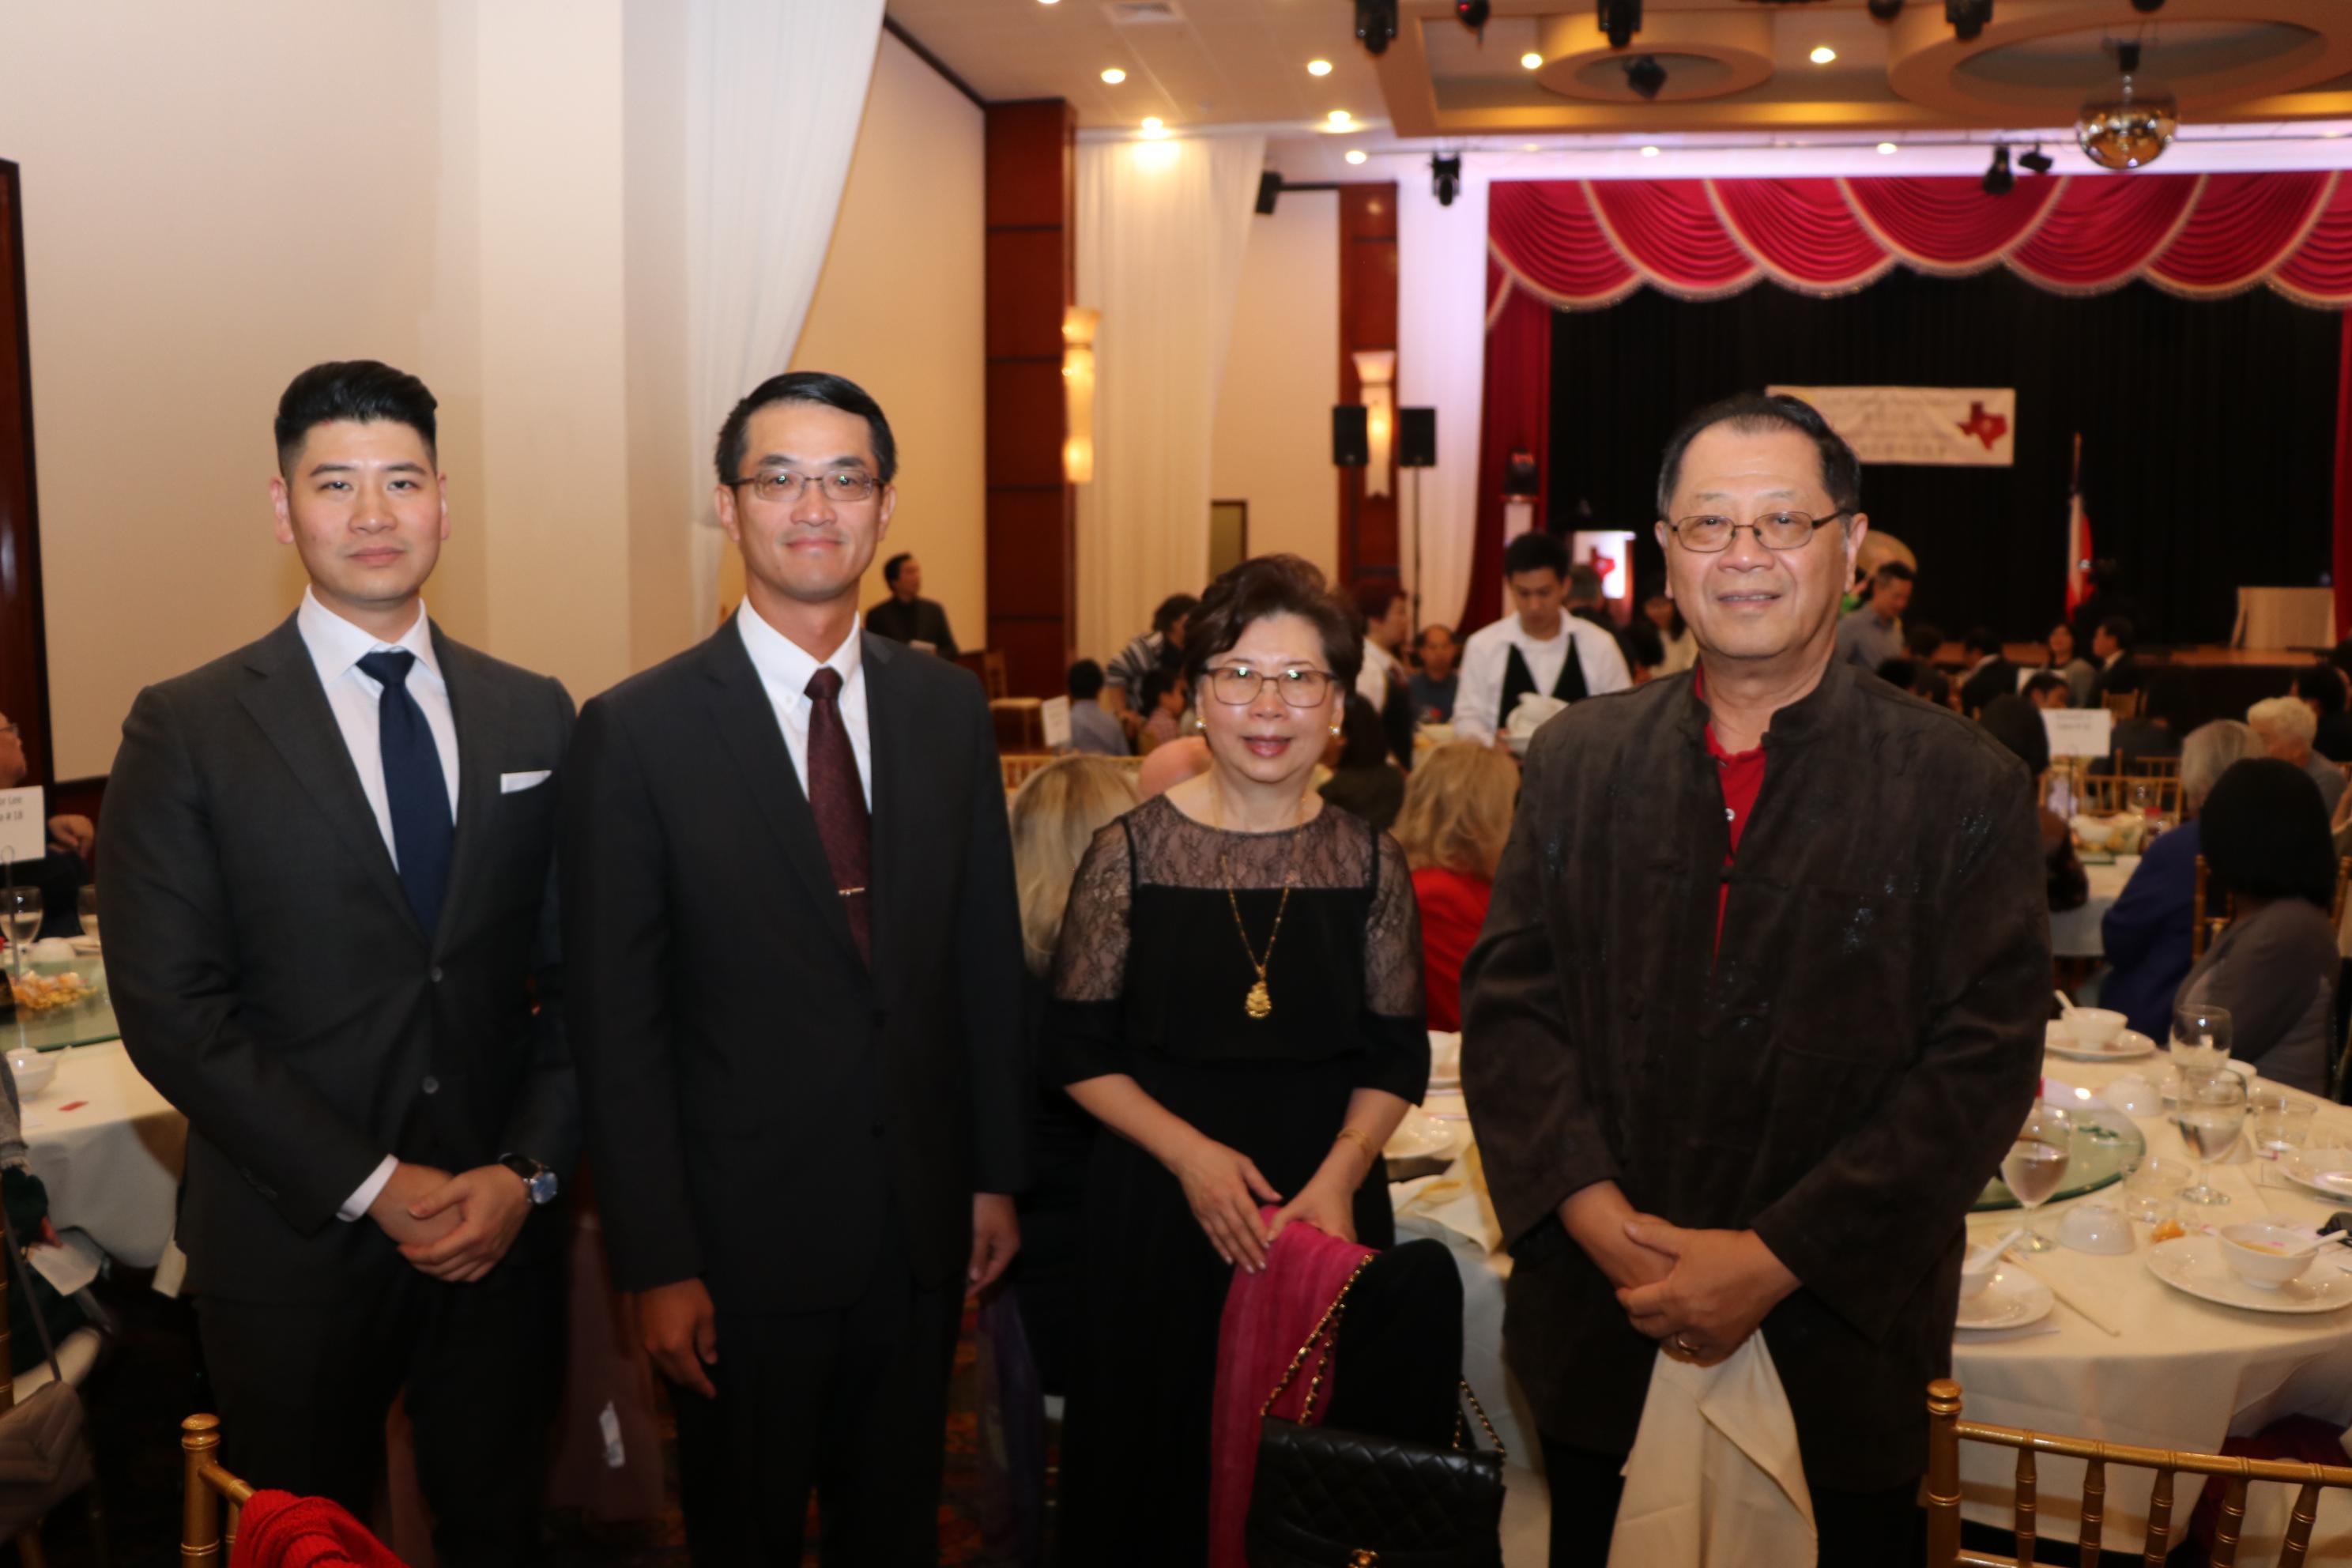 駐休士頓台北經文處處長陳家彥(左二)與李世威(左一)及其家人合影。